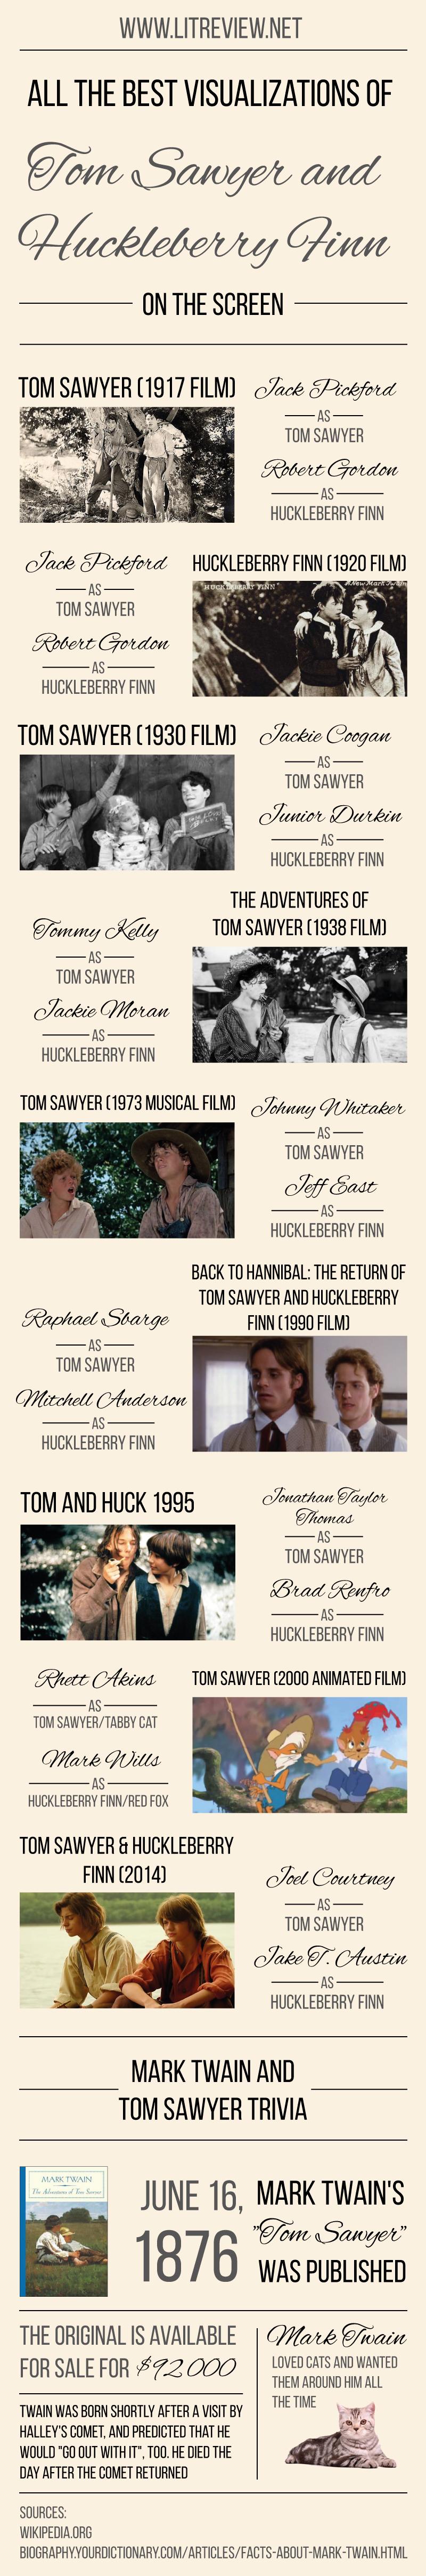 tom sawyer movie infographic